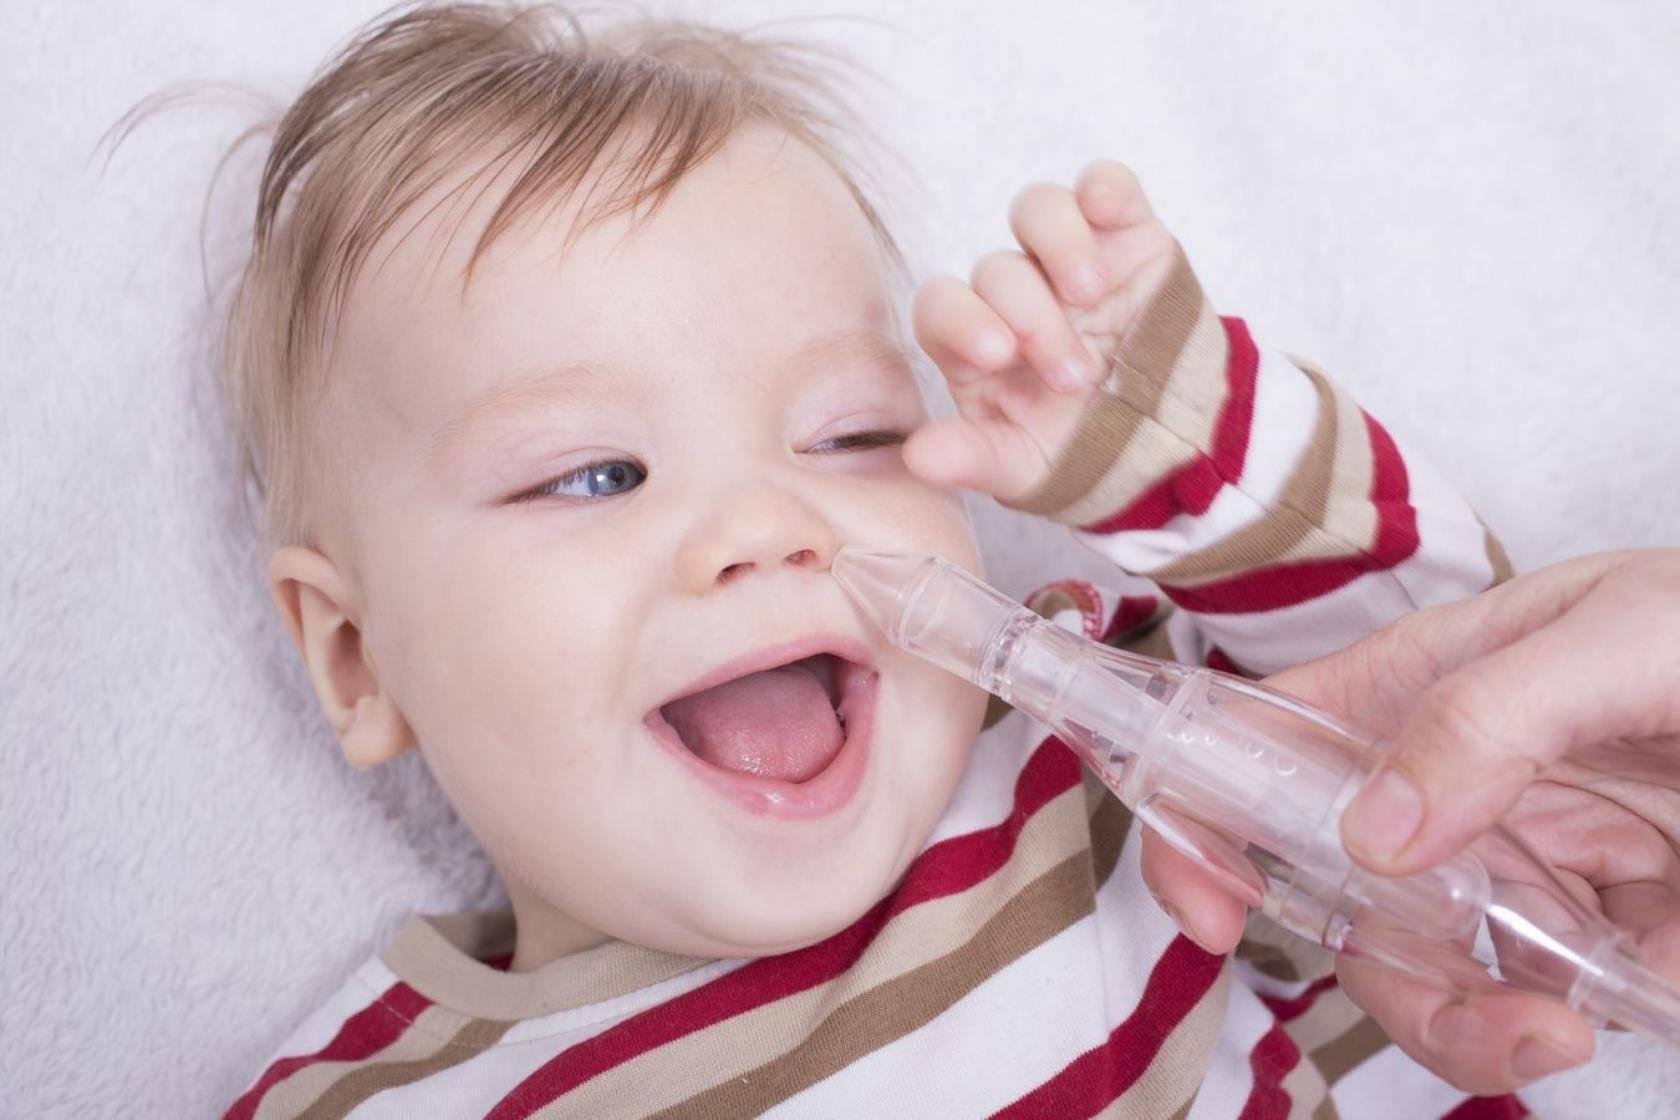 Причины хрюканья носом без соплей у детей объясняет доктор комаровский